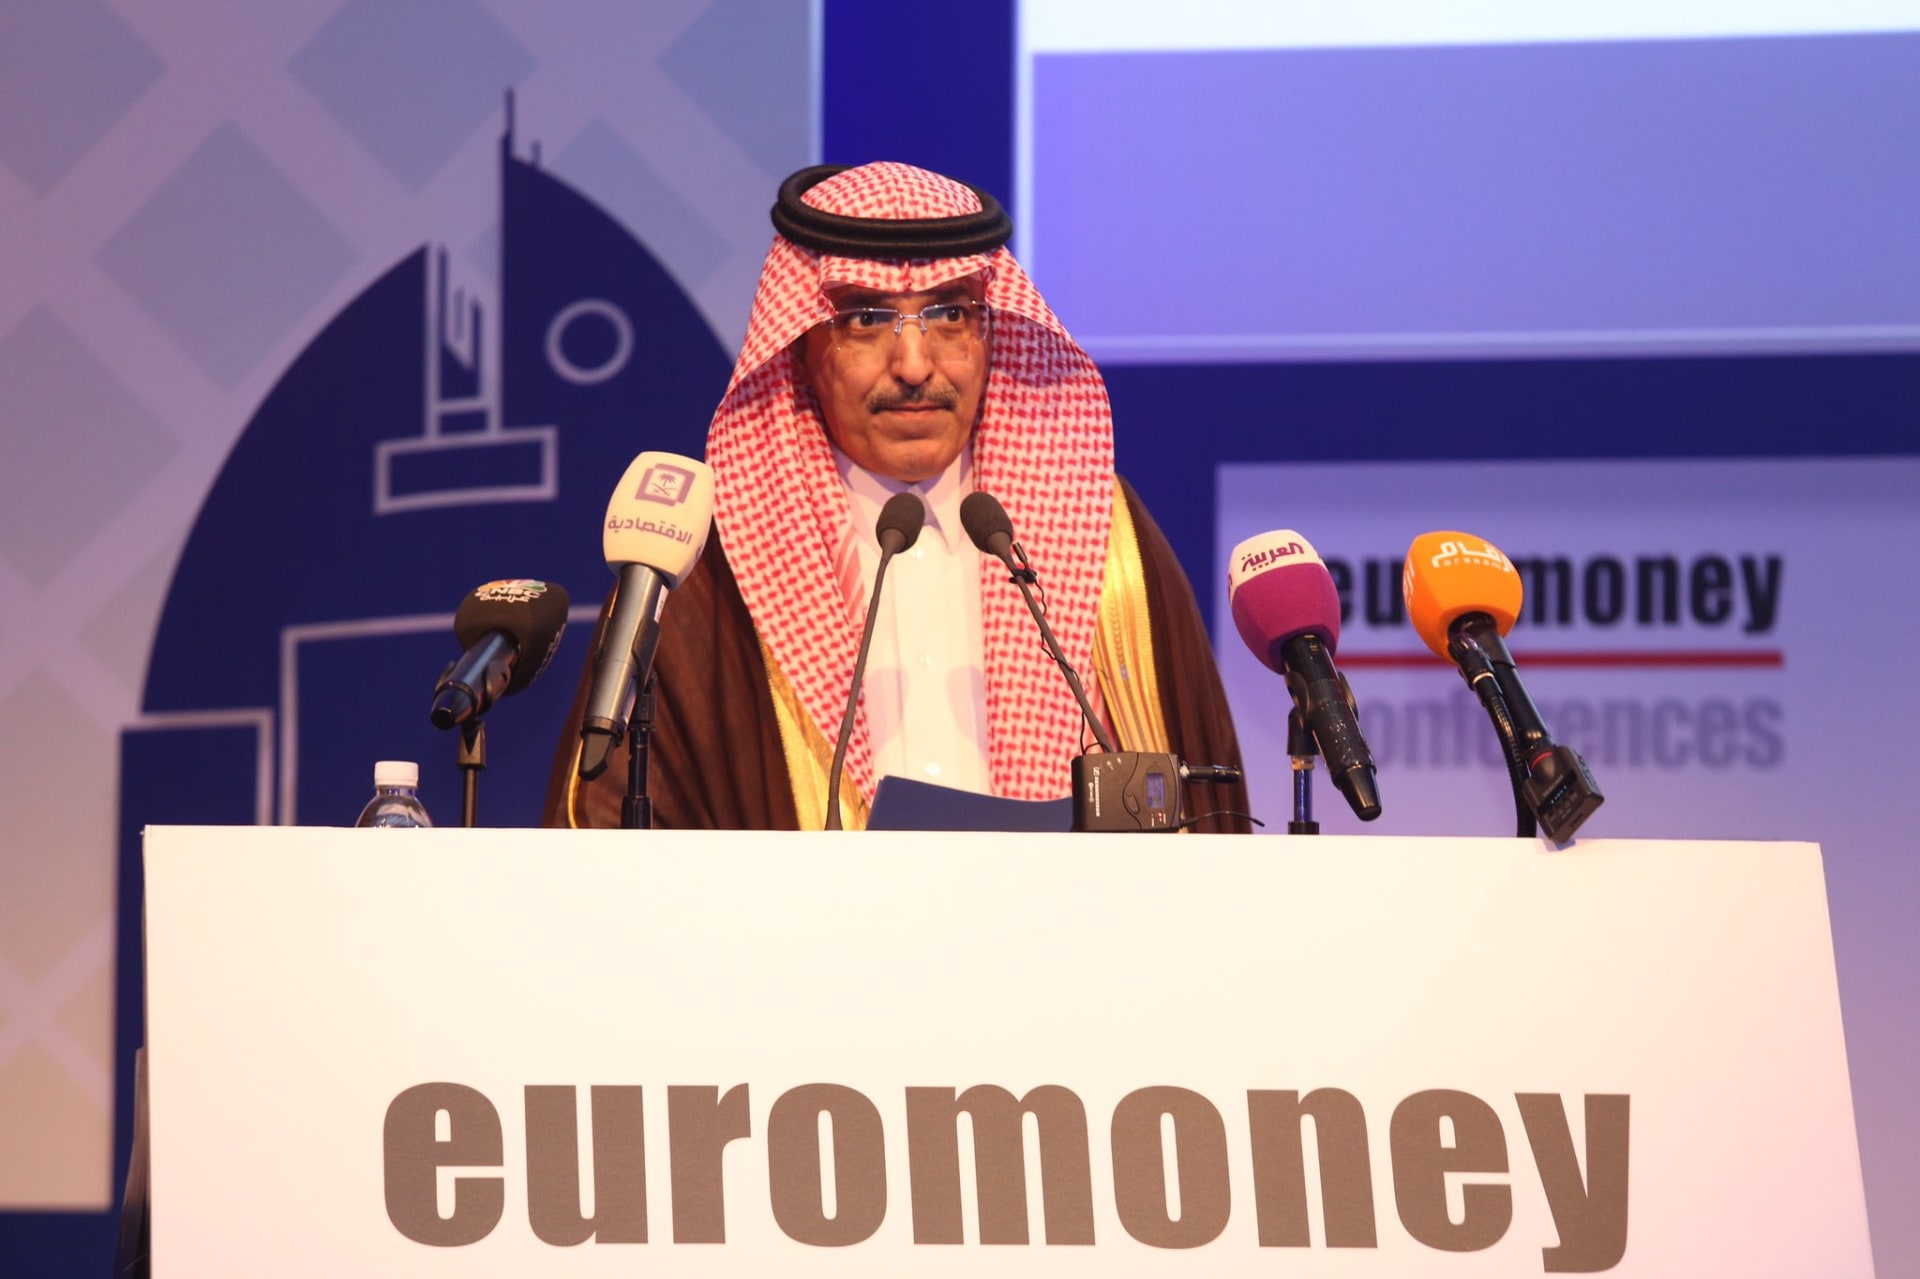 الجدعان: هذه دلائل متانة اقتصاد السعودية.. وحزمة تحفيزية للقطاع الخاص بـ200 مليار ريال على مدى 4 سنوات